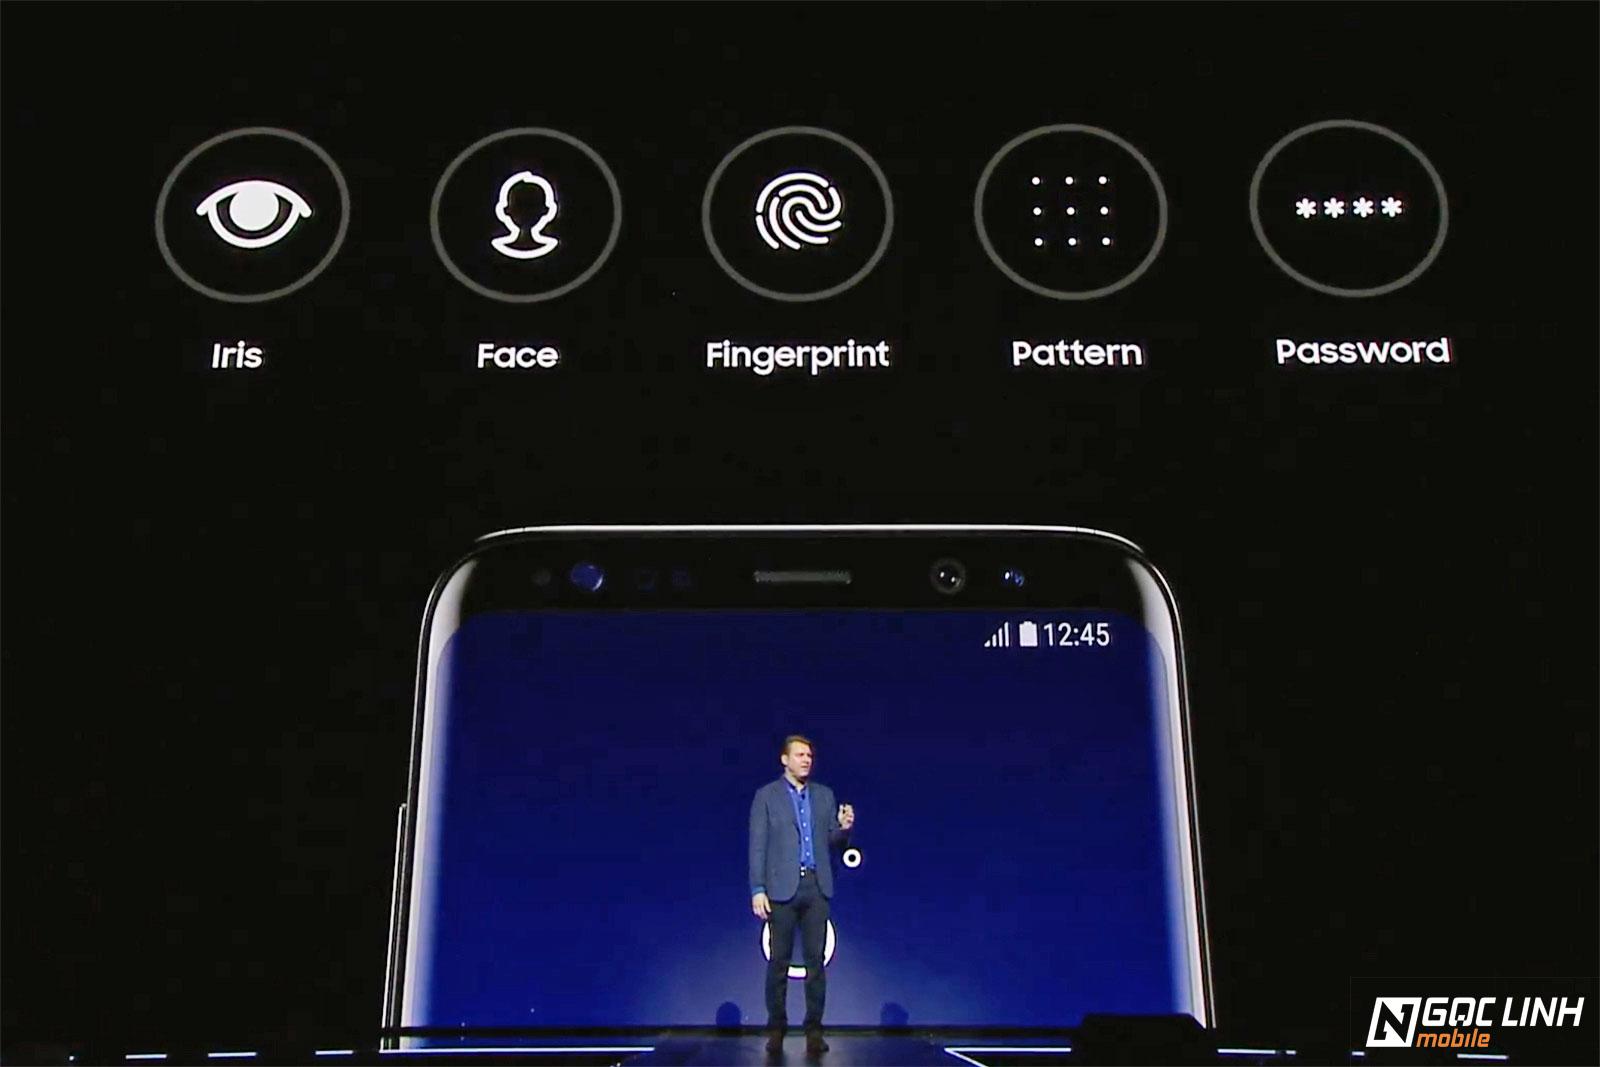 Samsung Galaxy S8 Samsung Galaxy S8 - Samsung Galaxy S8 và S8 plus chính thức ra mắt